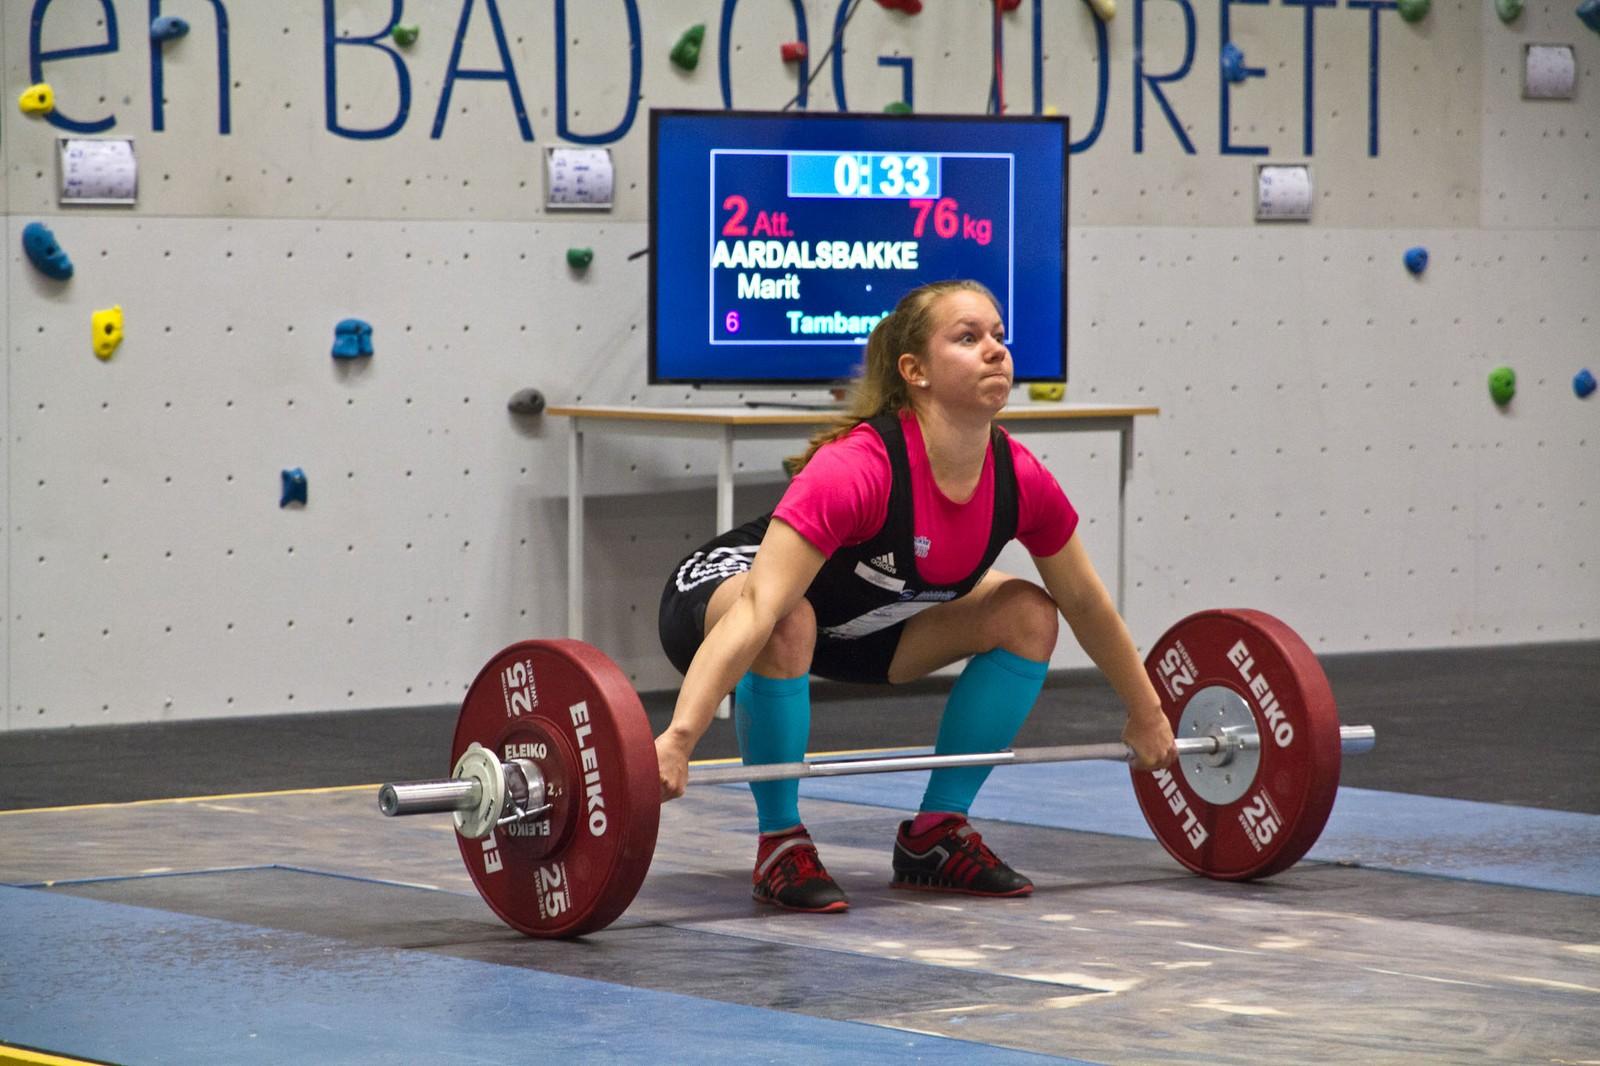 Marit Årdalsbakke kneip tredjeplassen med minst mogleg margin framfor lagveninna Sandra Trædal.